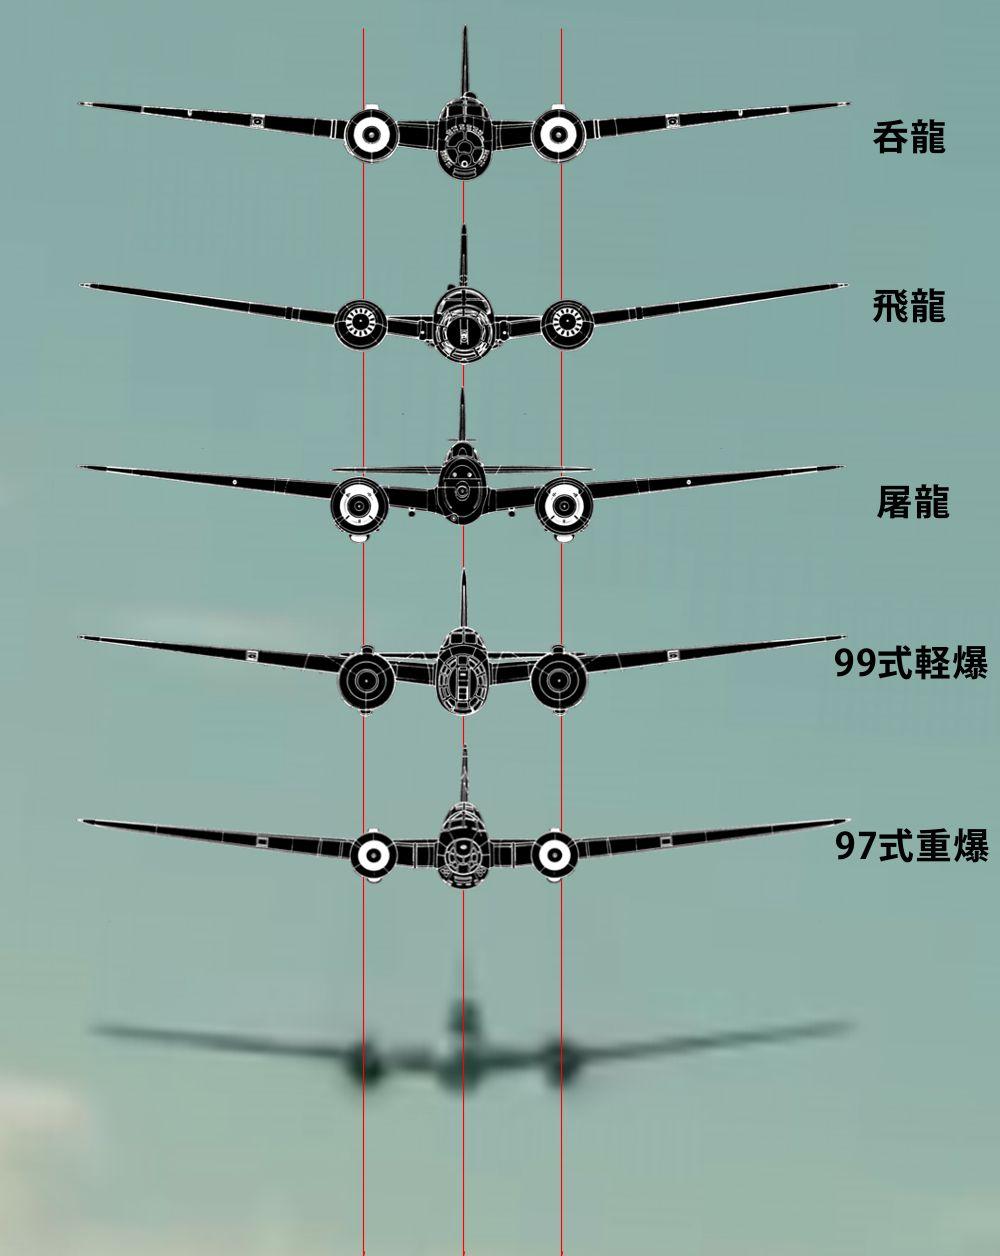 アンブロークン爆撃機と陸軍機との比較